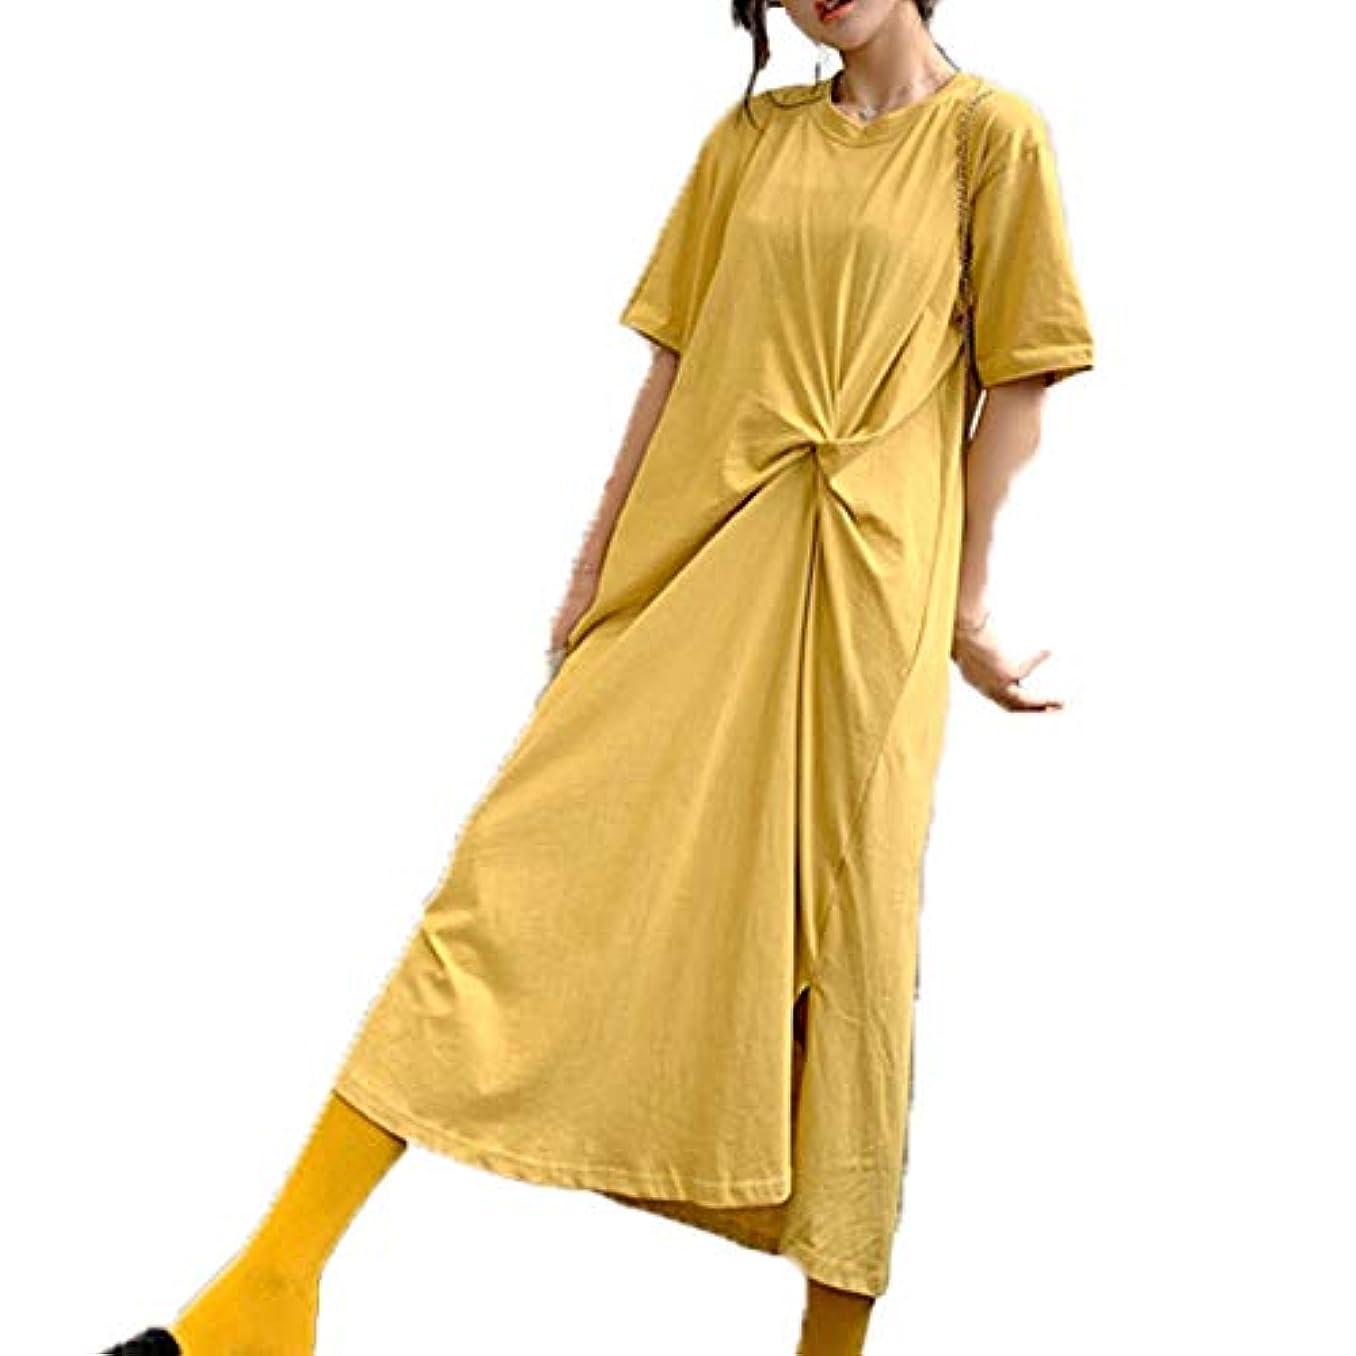 ナチュラル条件付き特徴づける[ココチエ] ワンピース 半袖 ロング 大きいサイズ おおきいサイズ おしゃれ ゆったり 体型カバー